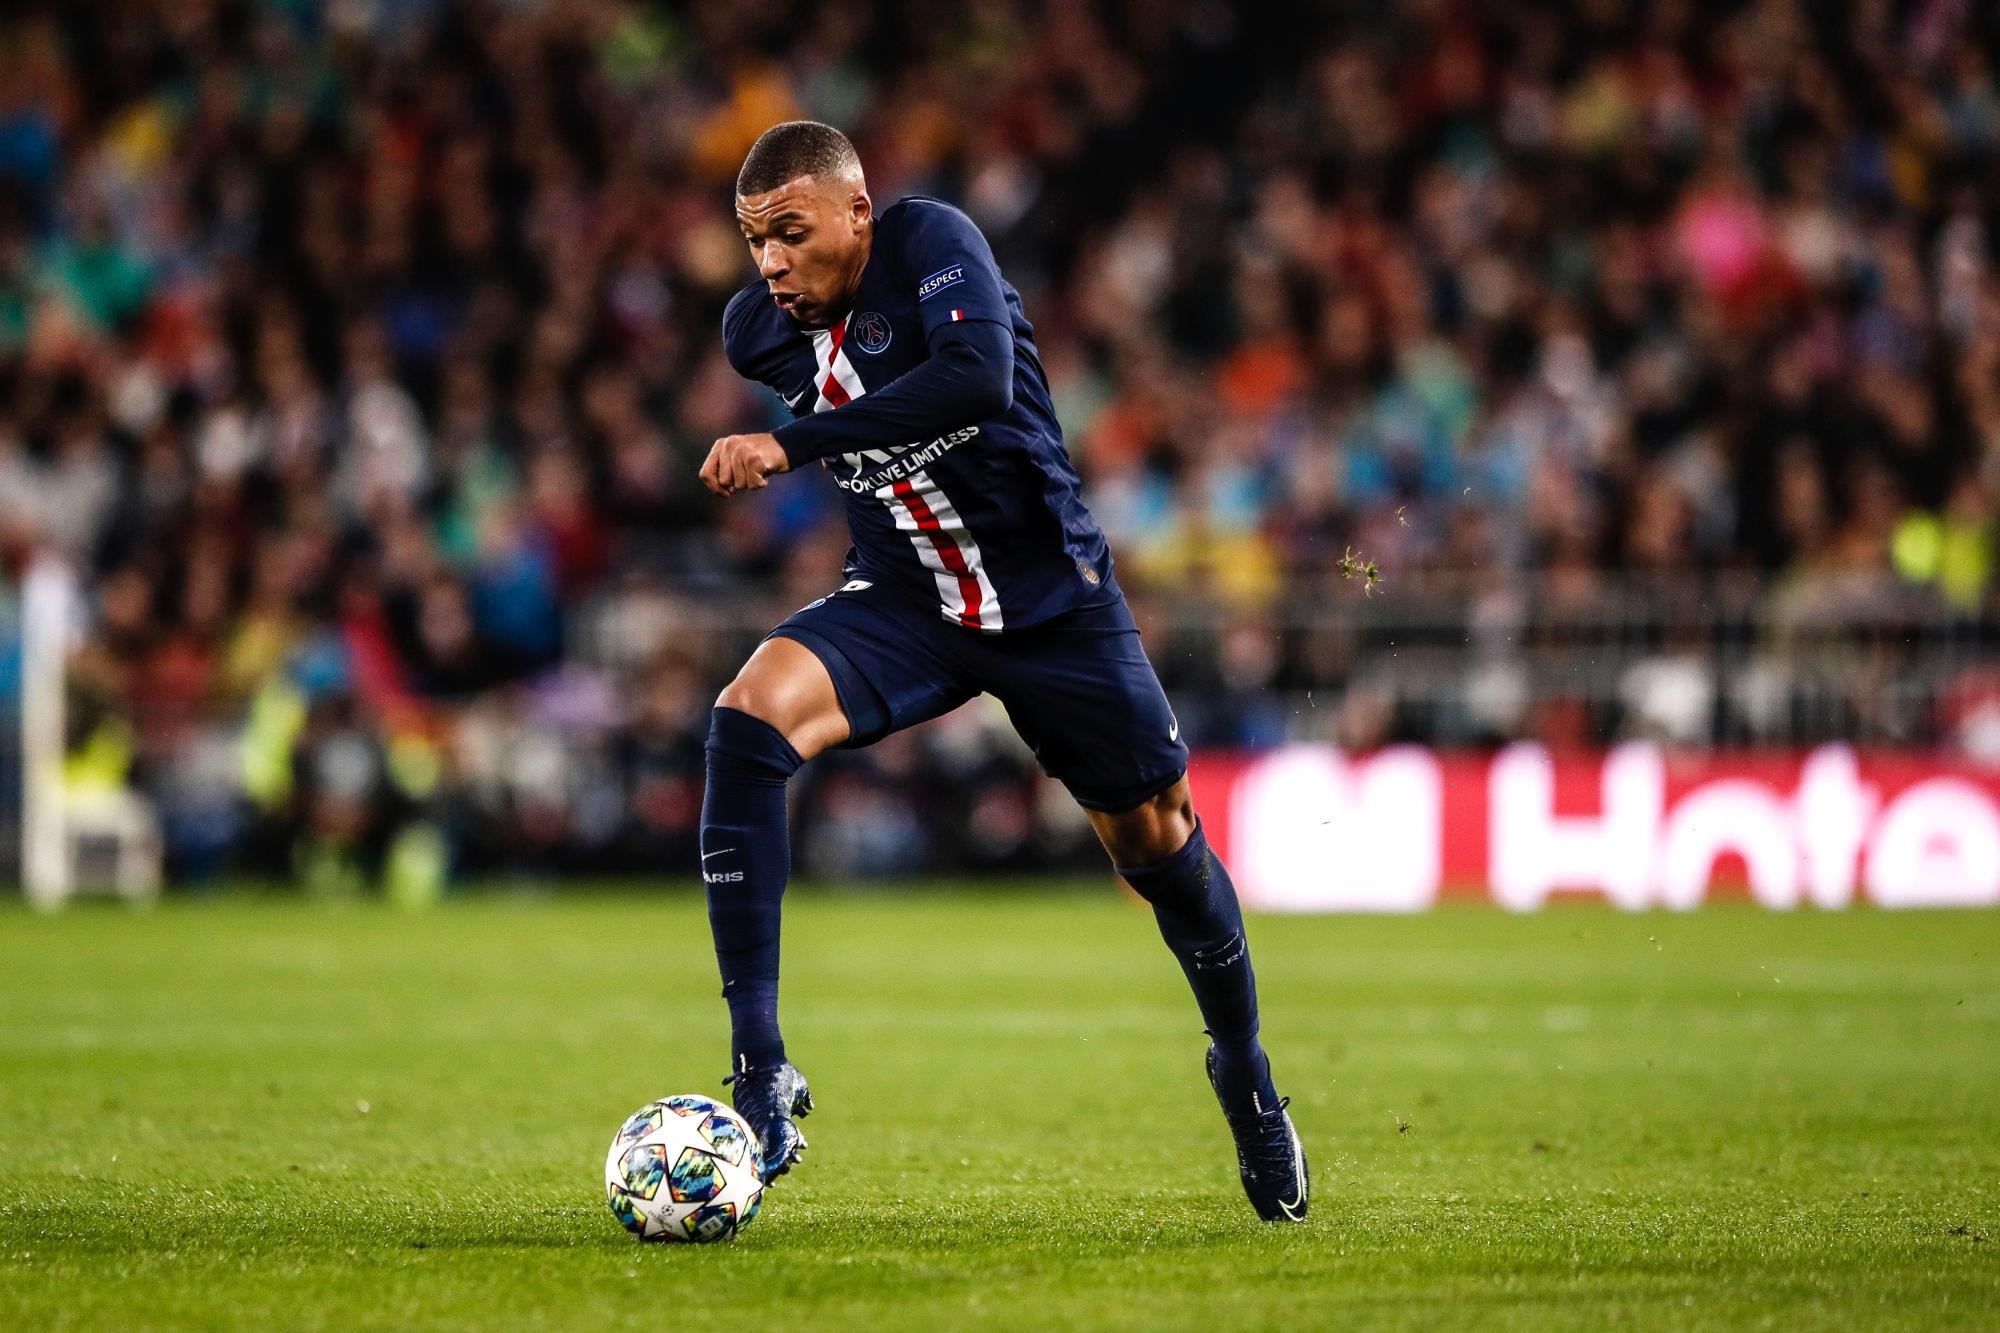 """Di Meco a vu un """"message fort"""" dans la déclaration de Leonardo à propos de Mbappé"""